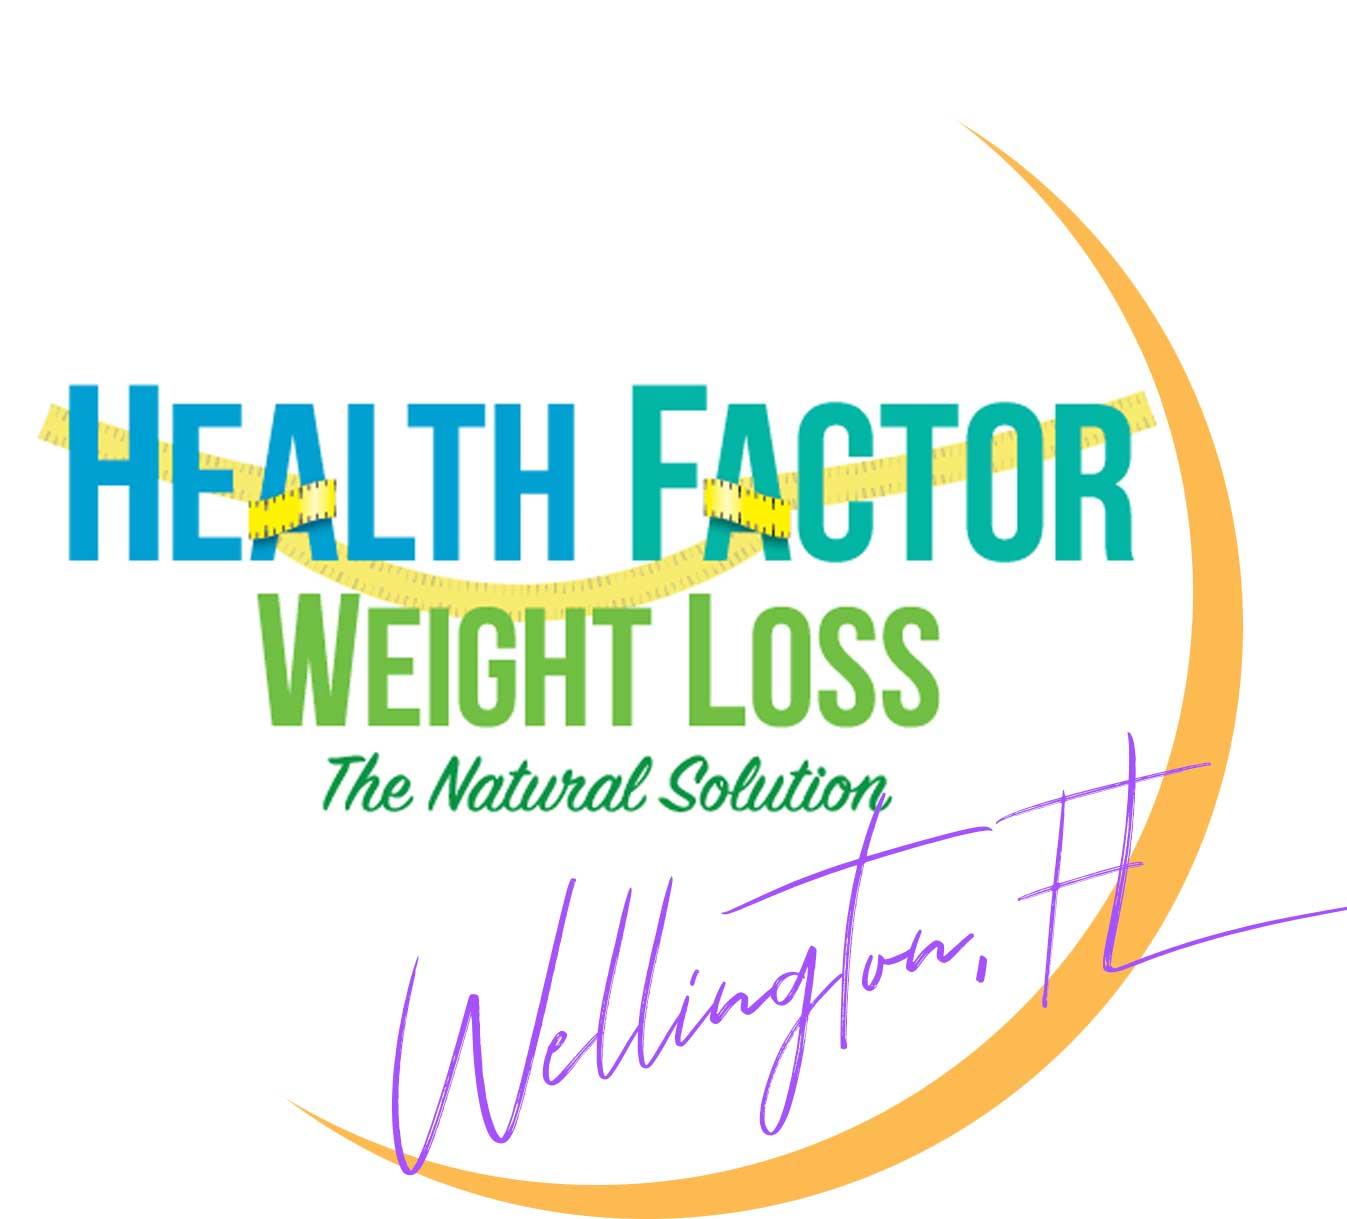 wellingtonn weight loss